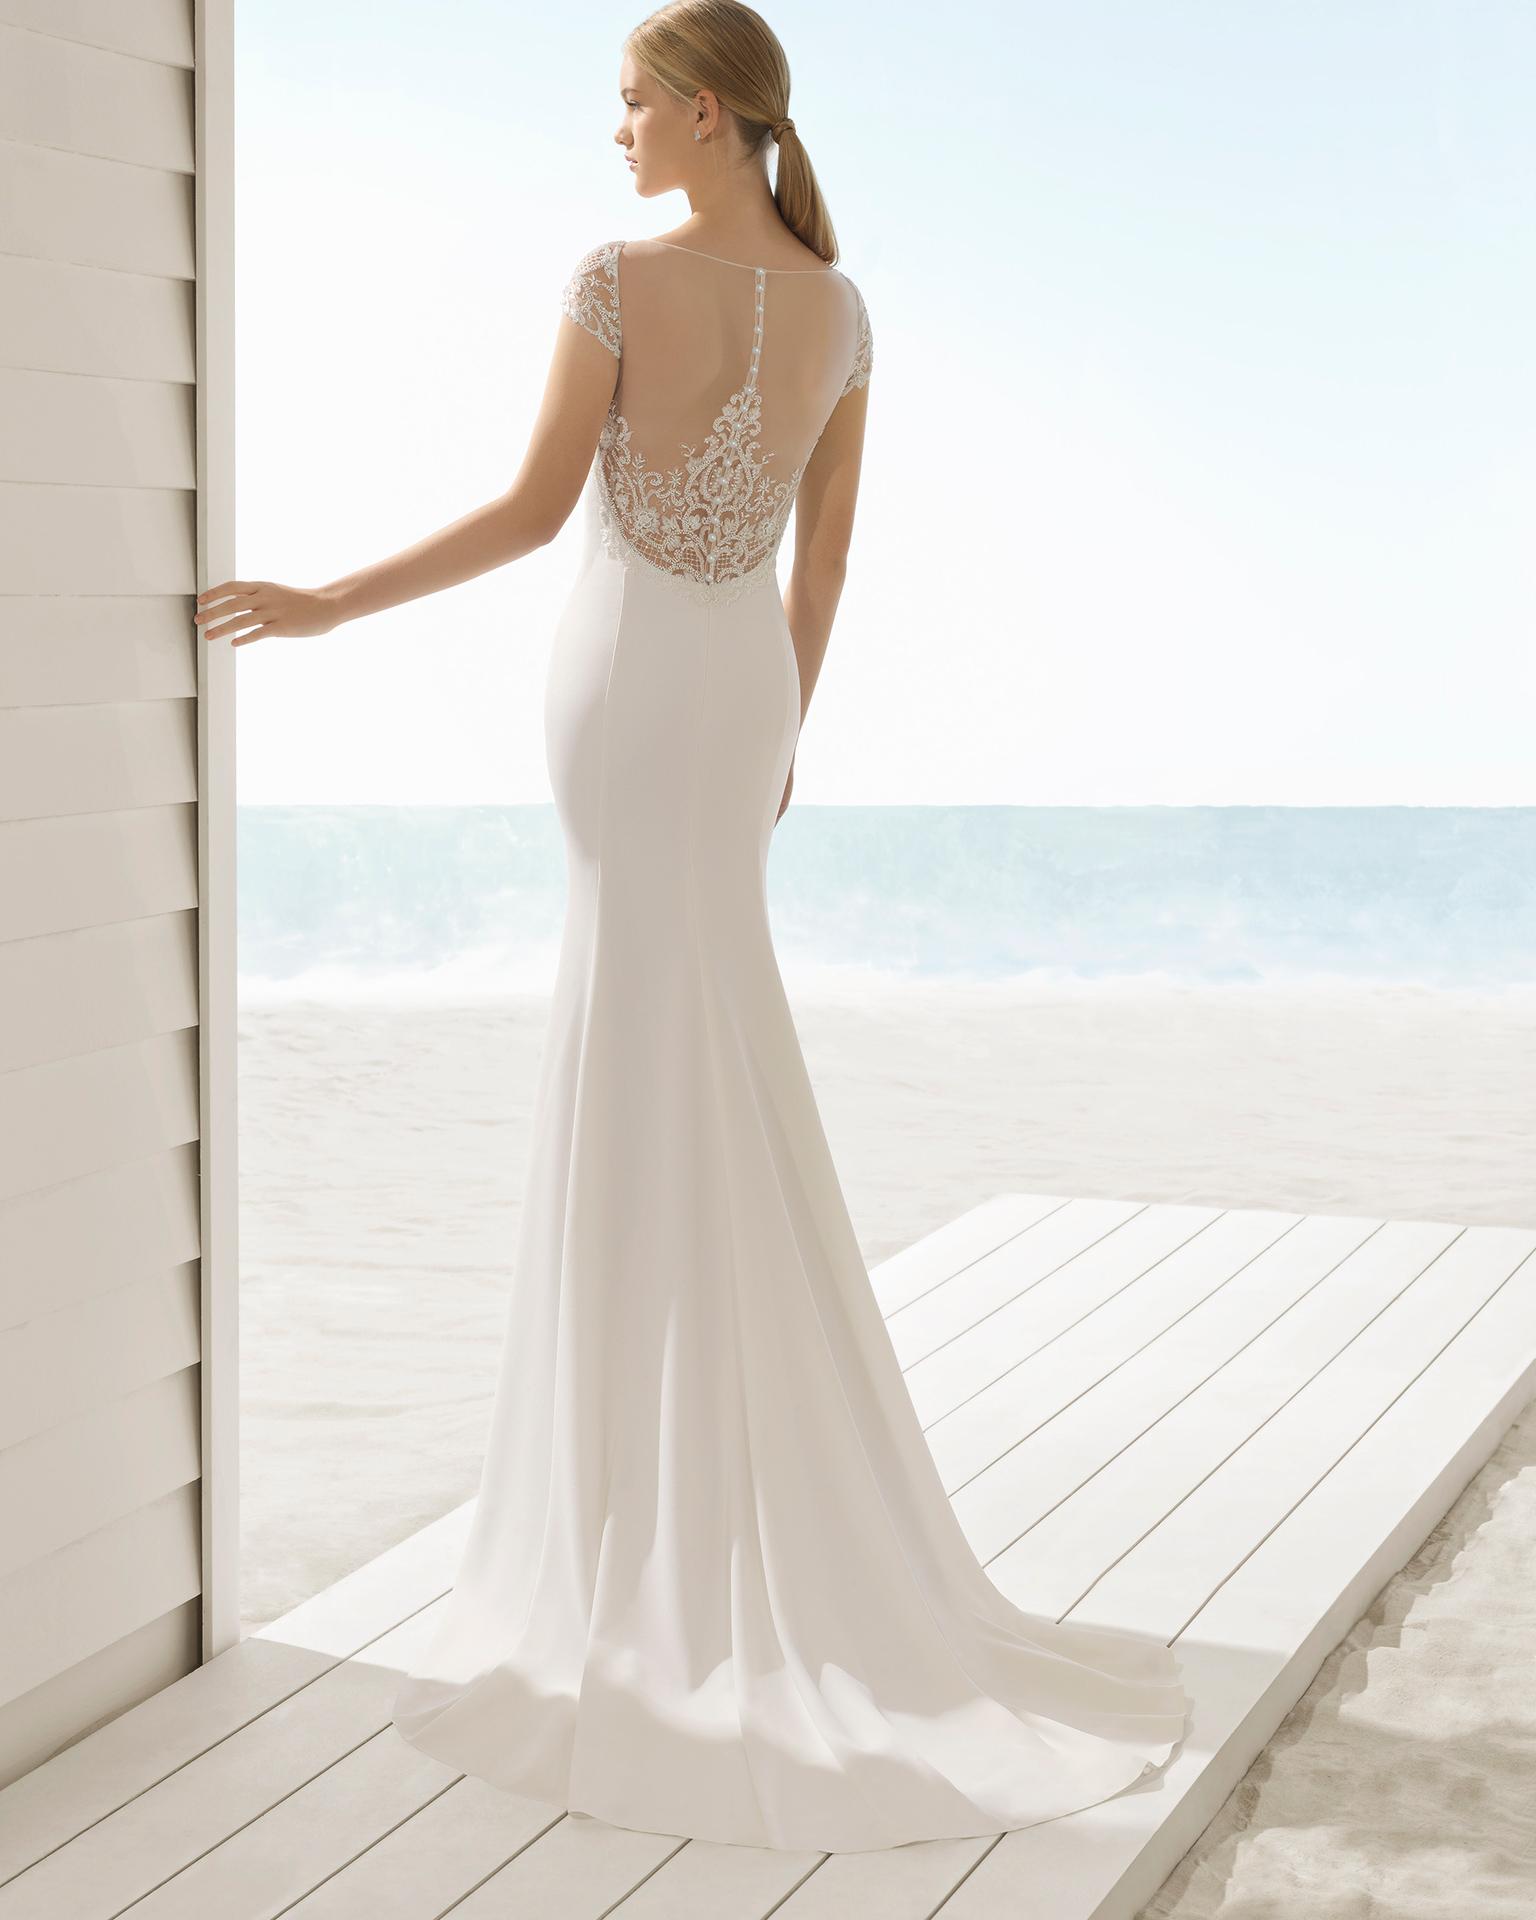 Robe de mariée style sirène en crêpe avec dos bijou.